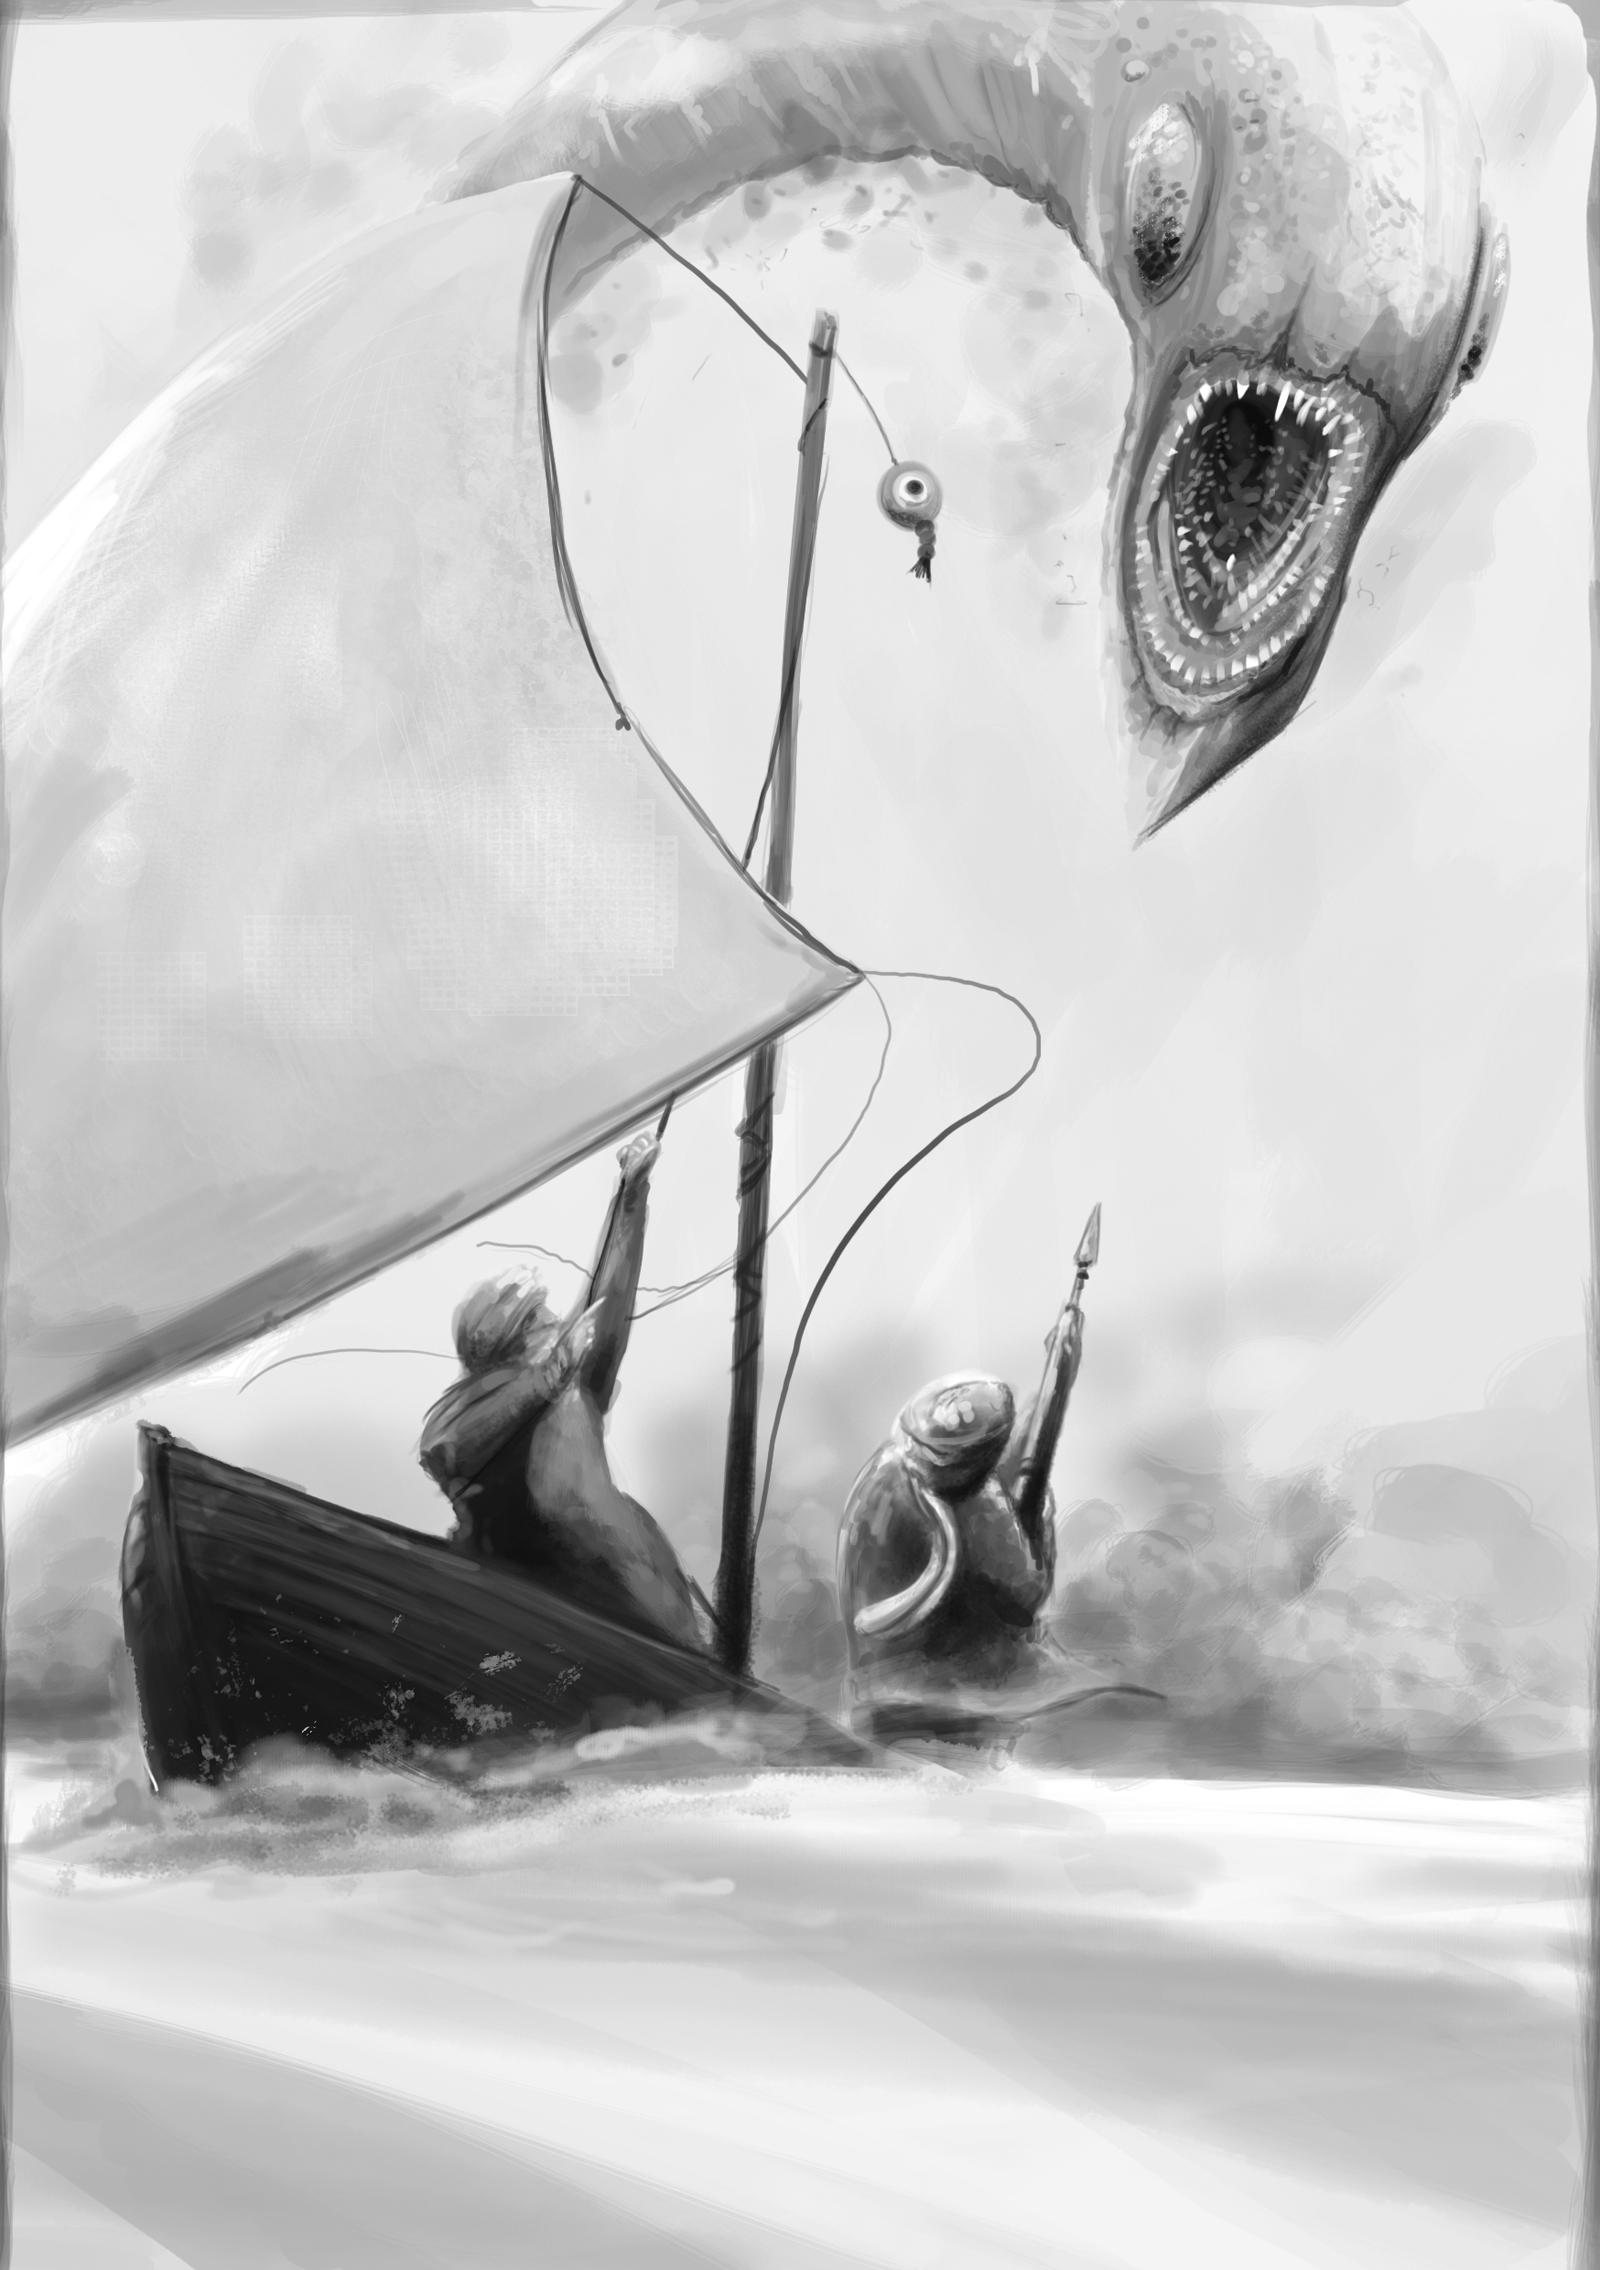 Extreme Dune Fishing